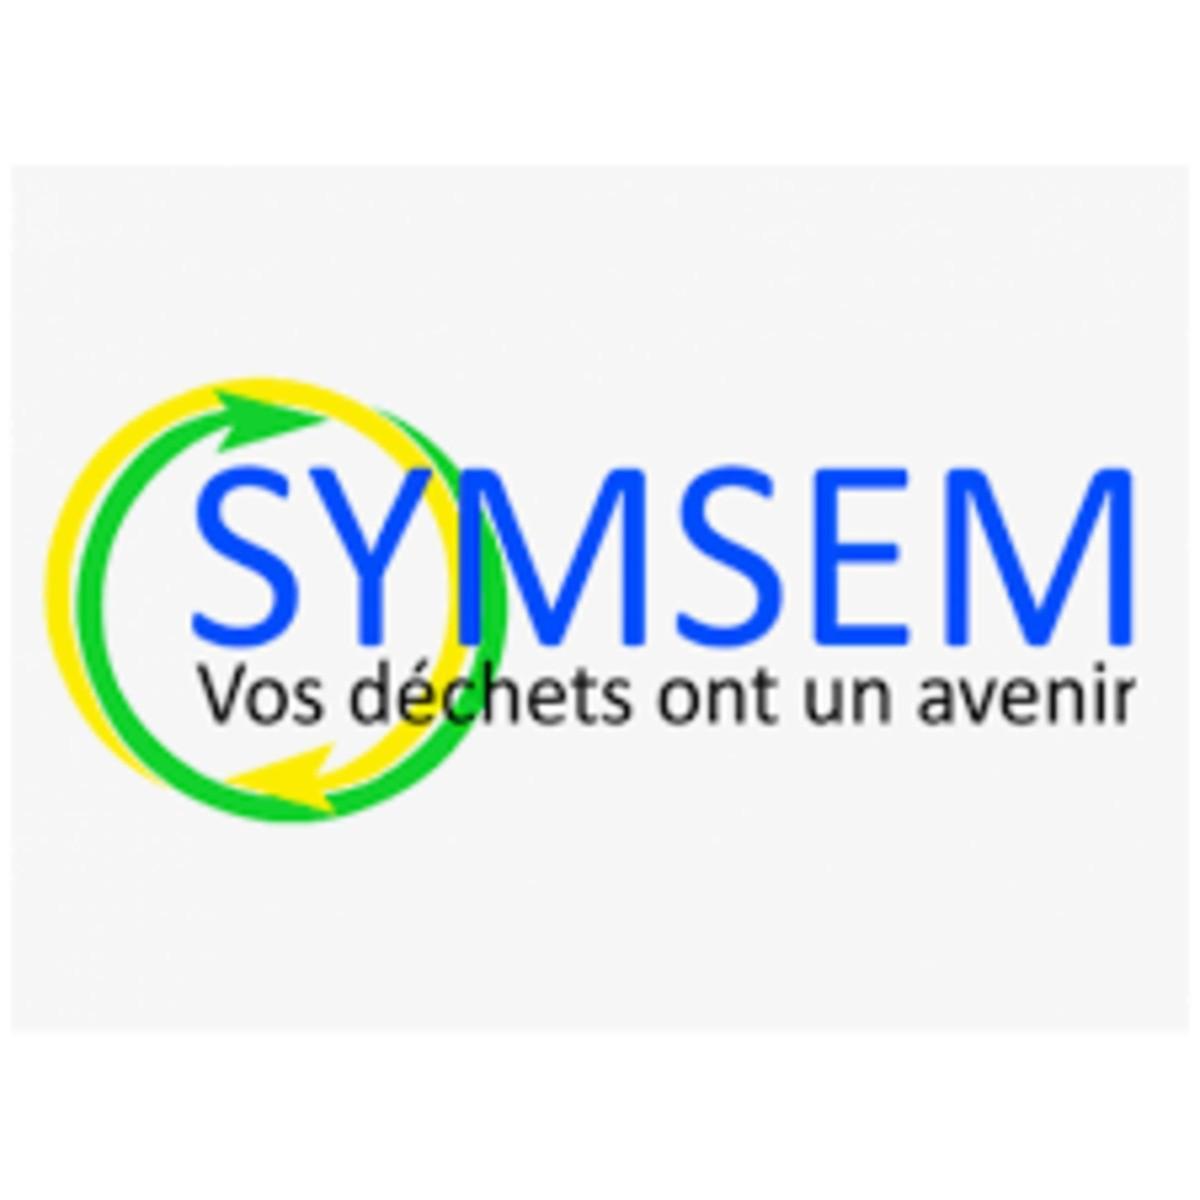 Image de couverture - SYMSEM